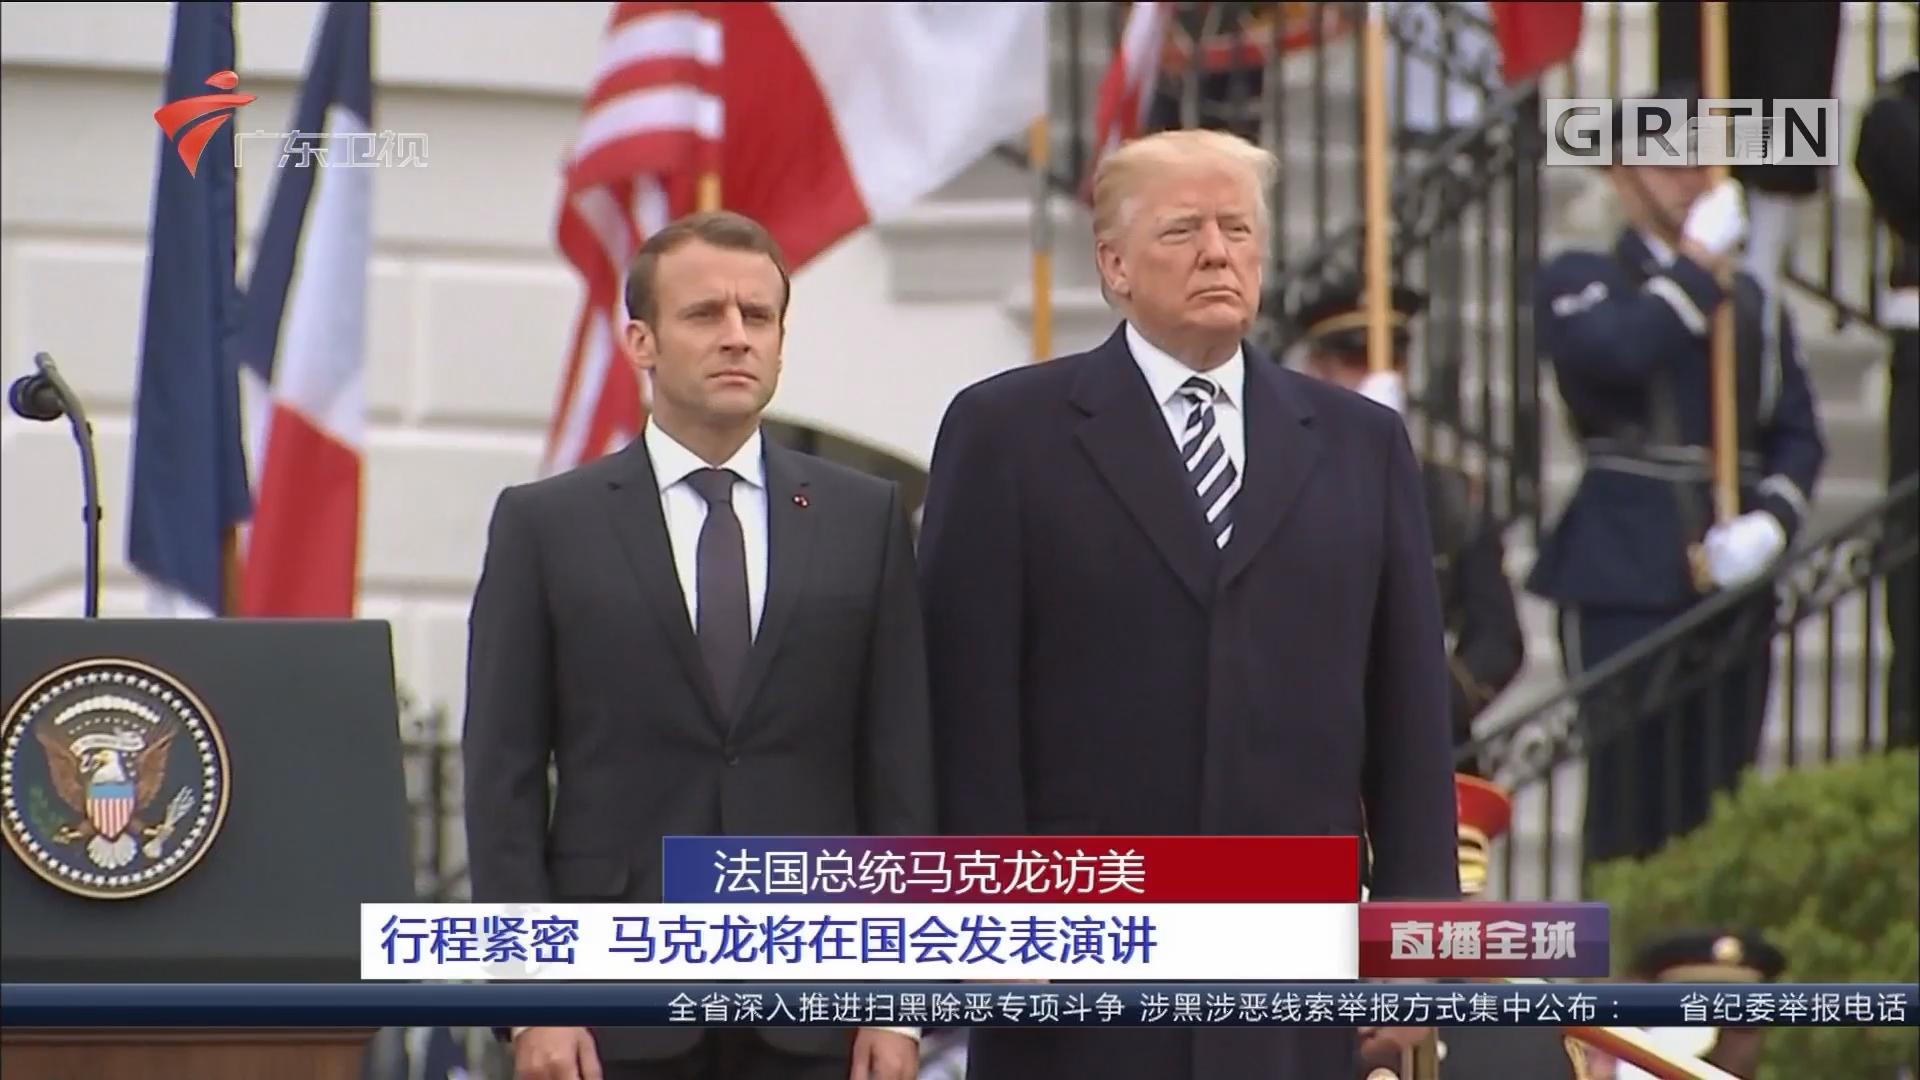 法国总统马克龙访美 特朗普高规格接待